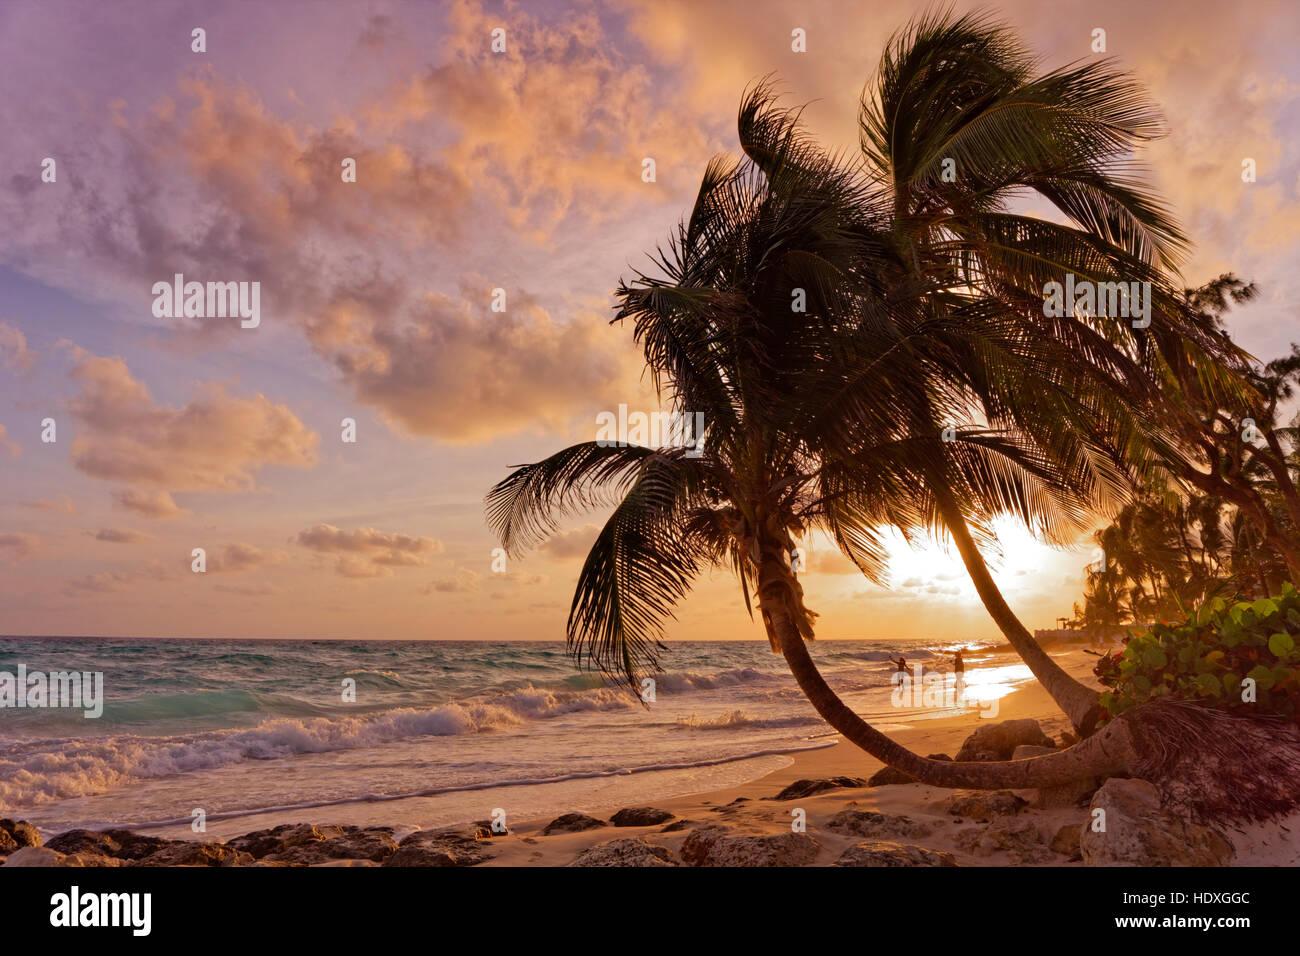 Sonnenuntergang am Strand von Dover, St. Lawrence Gap, Südküste, Barbados, Karibik. Stockbild